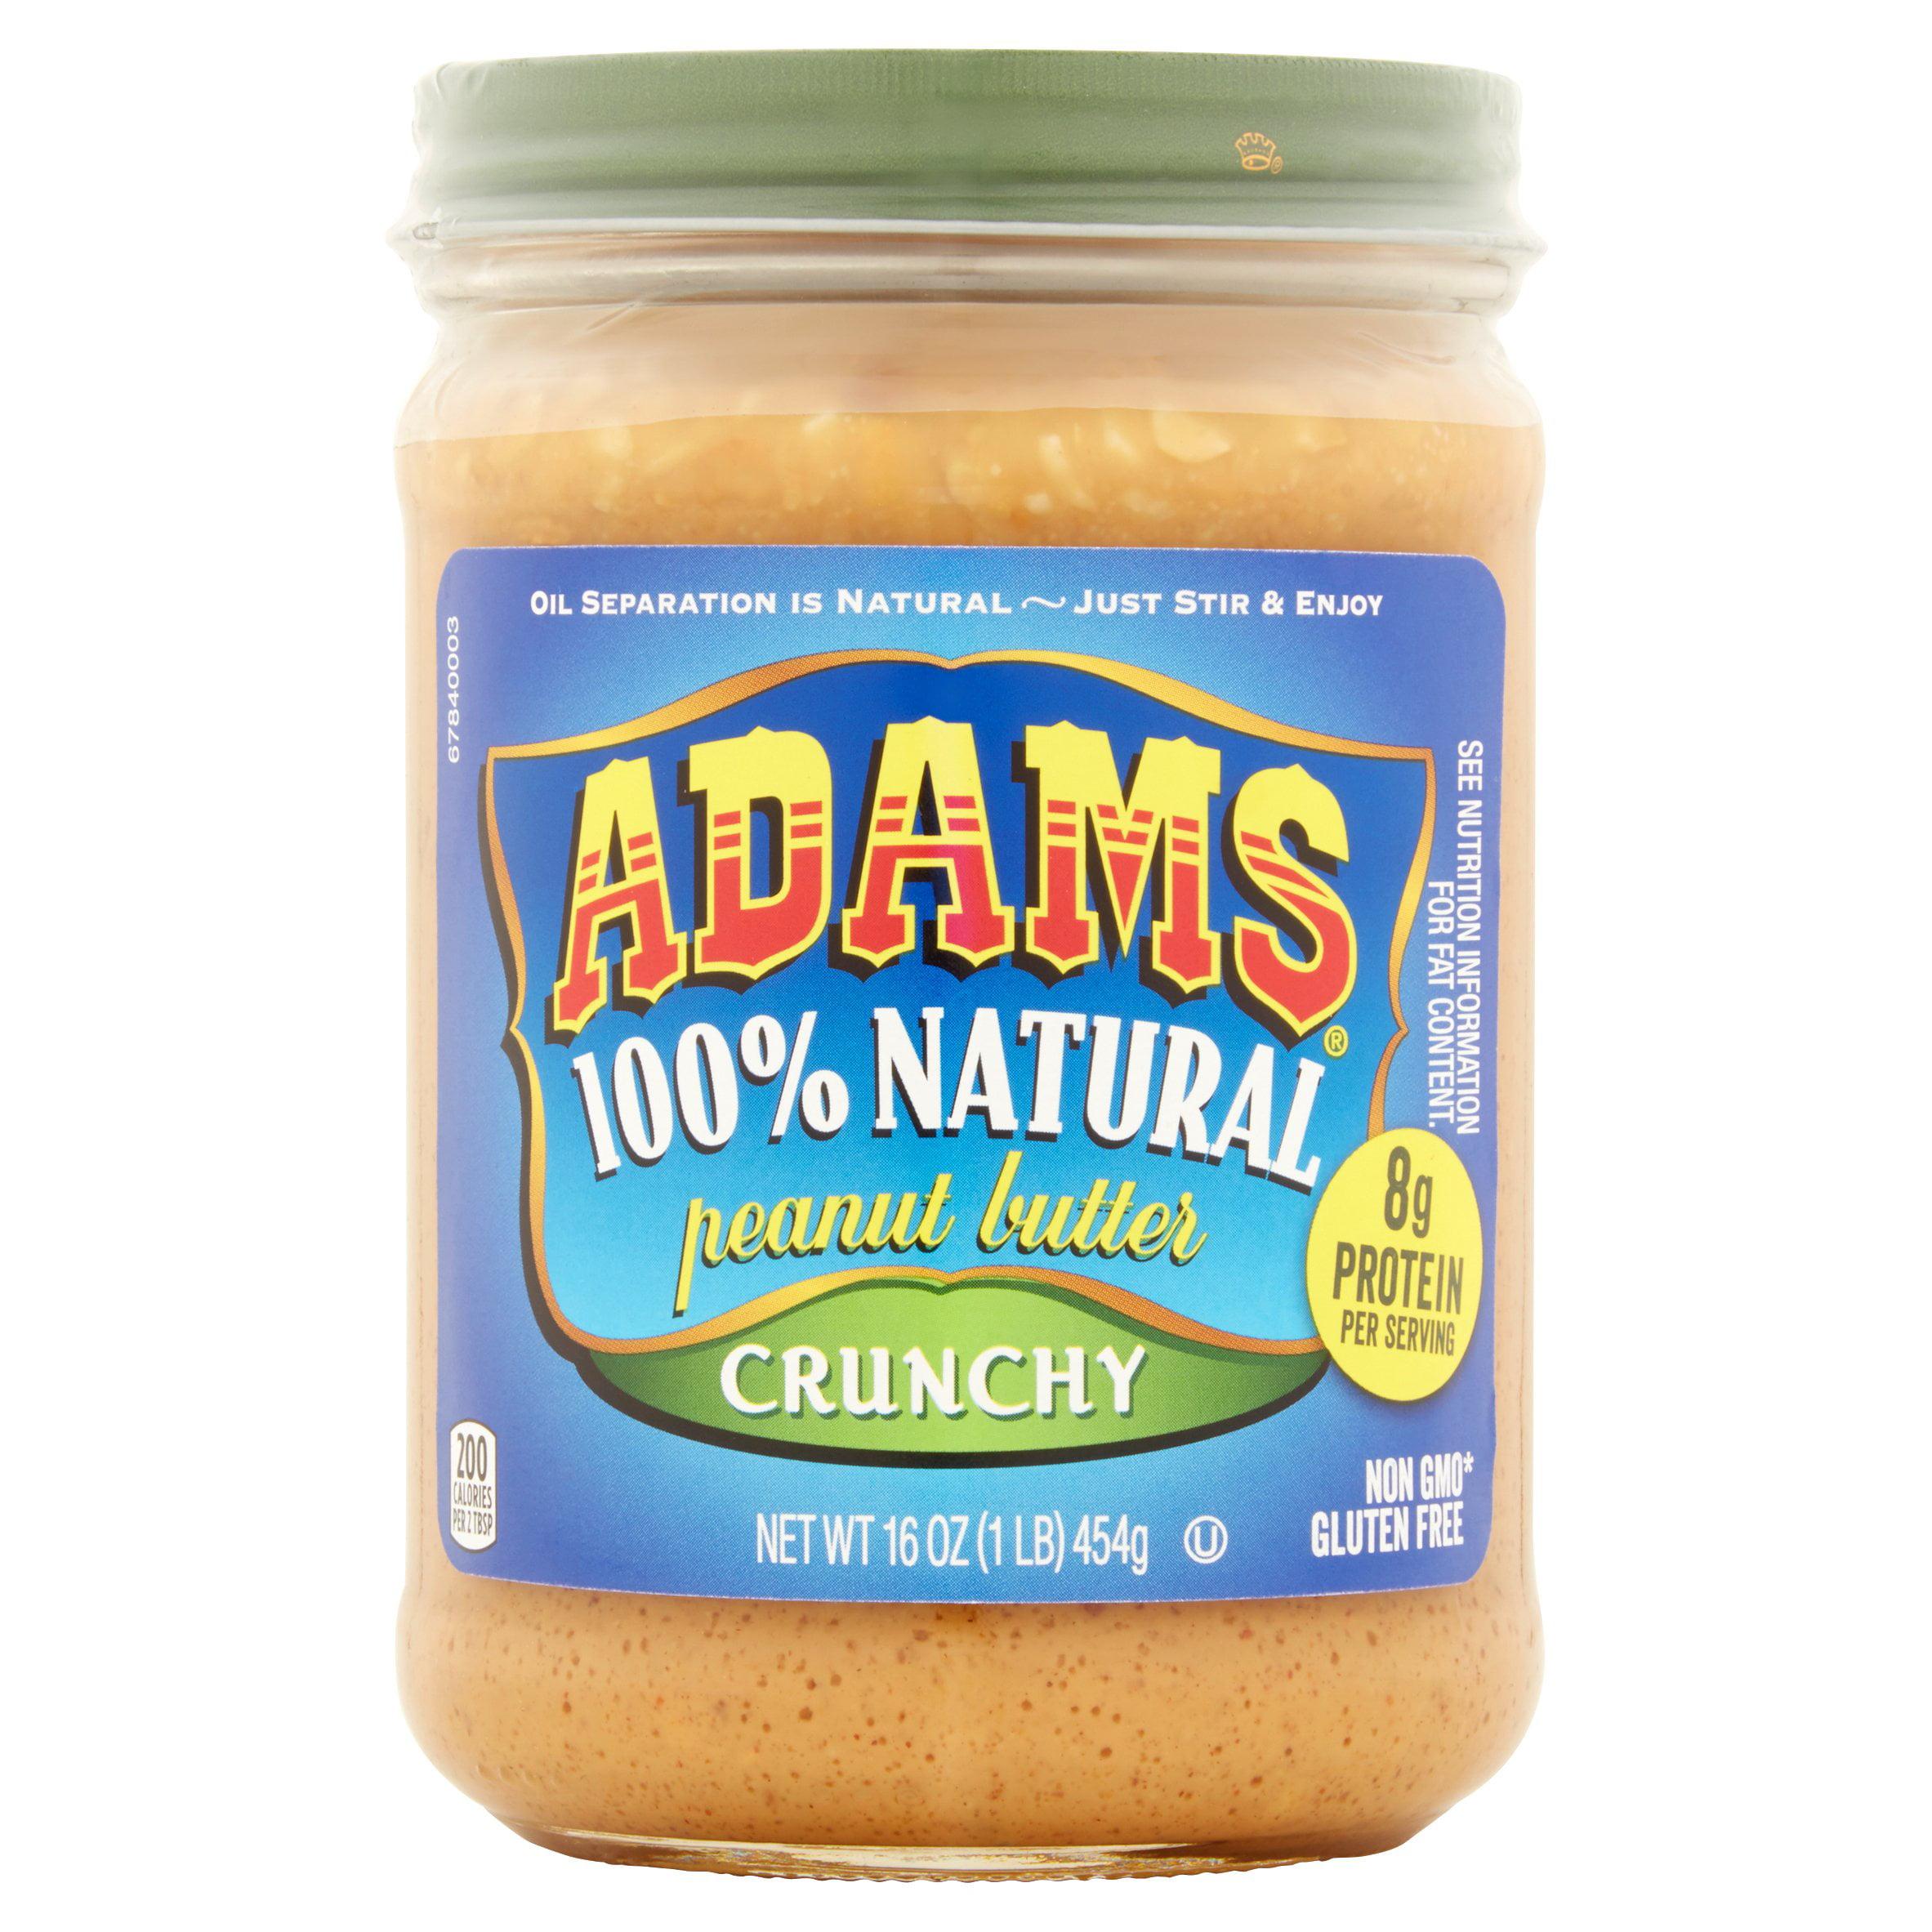 Adams 100% Natural Crunchy Peanut Butter, 16 oz